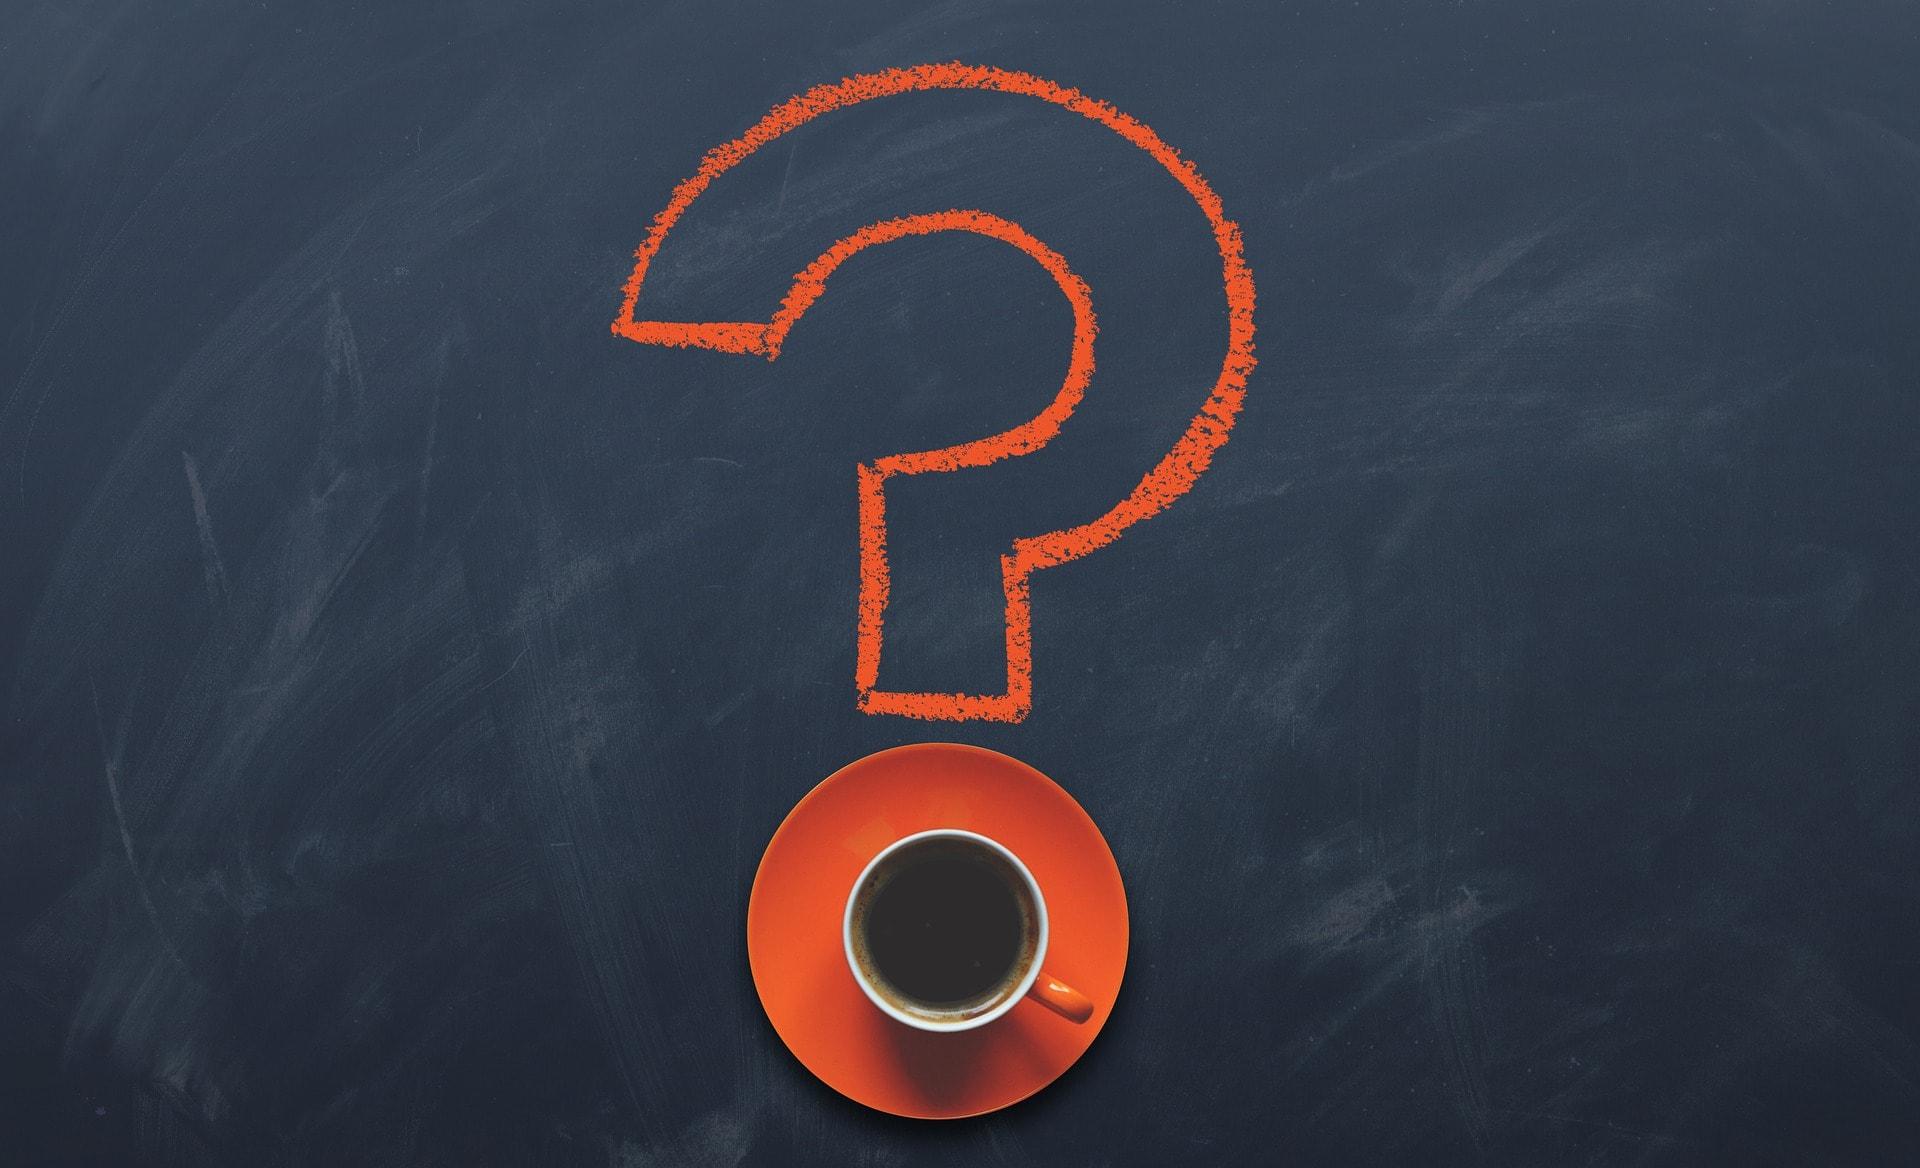 Posez-nous vos questions, nous essaierons d'y répondre.